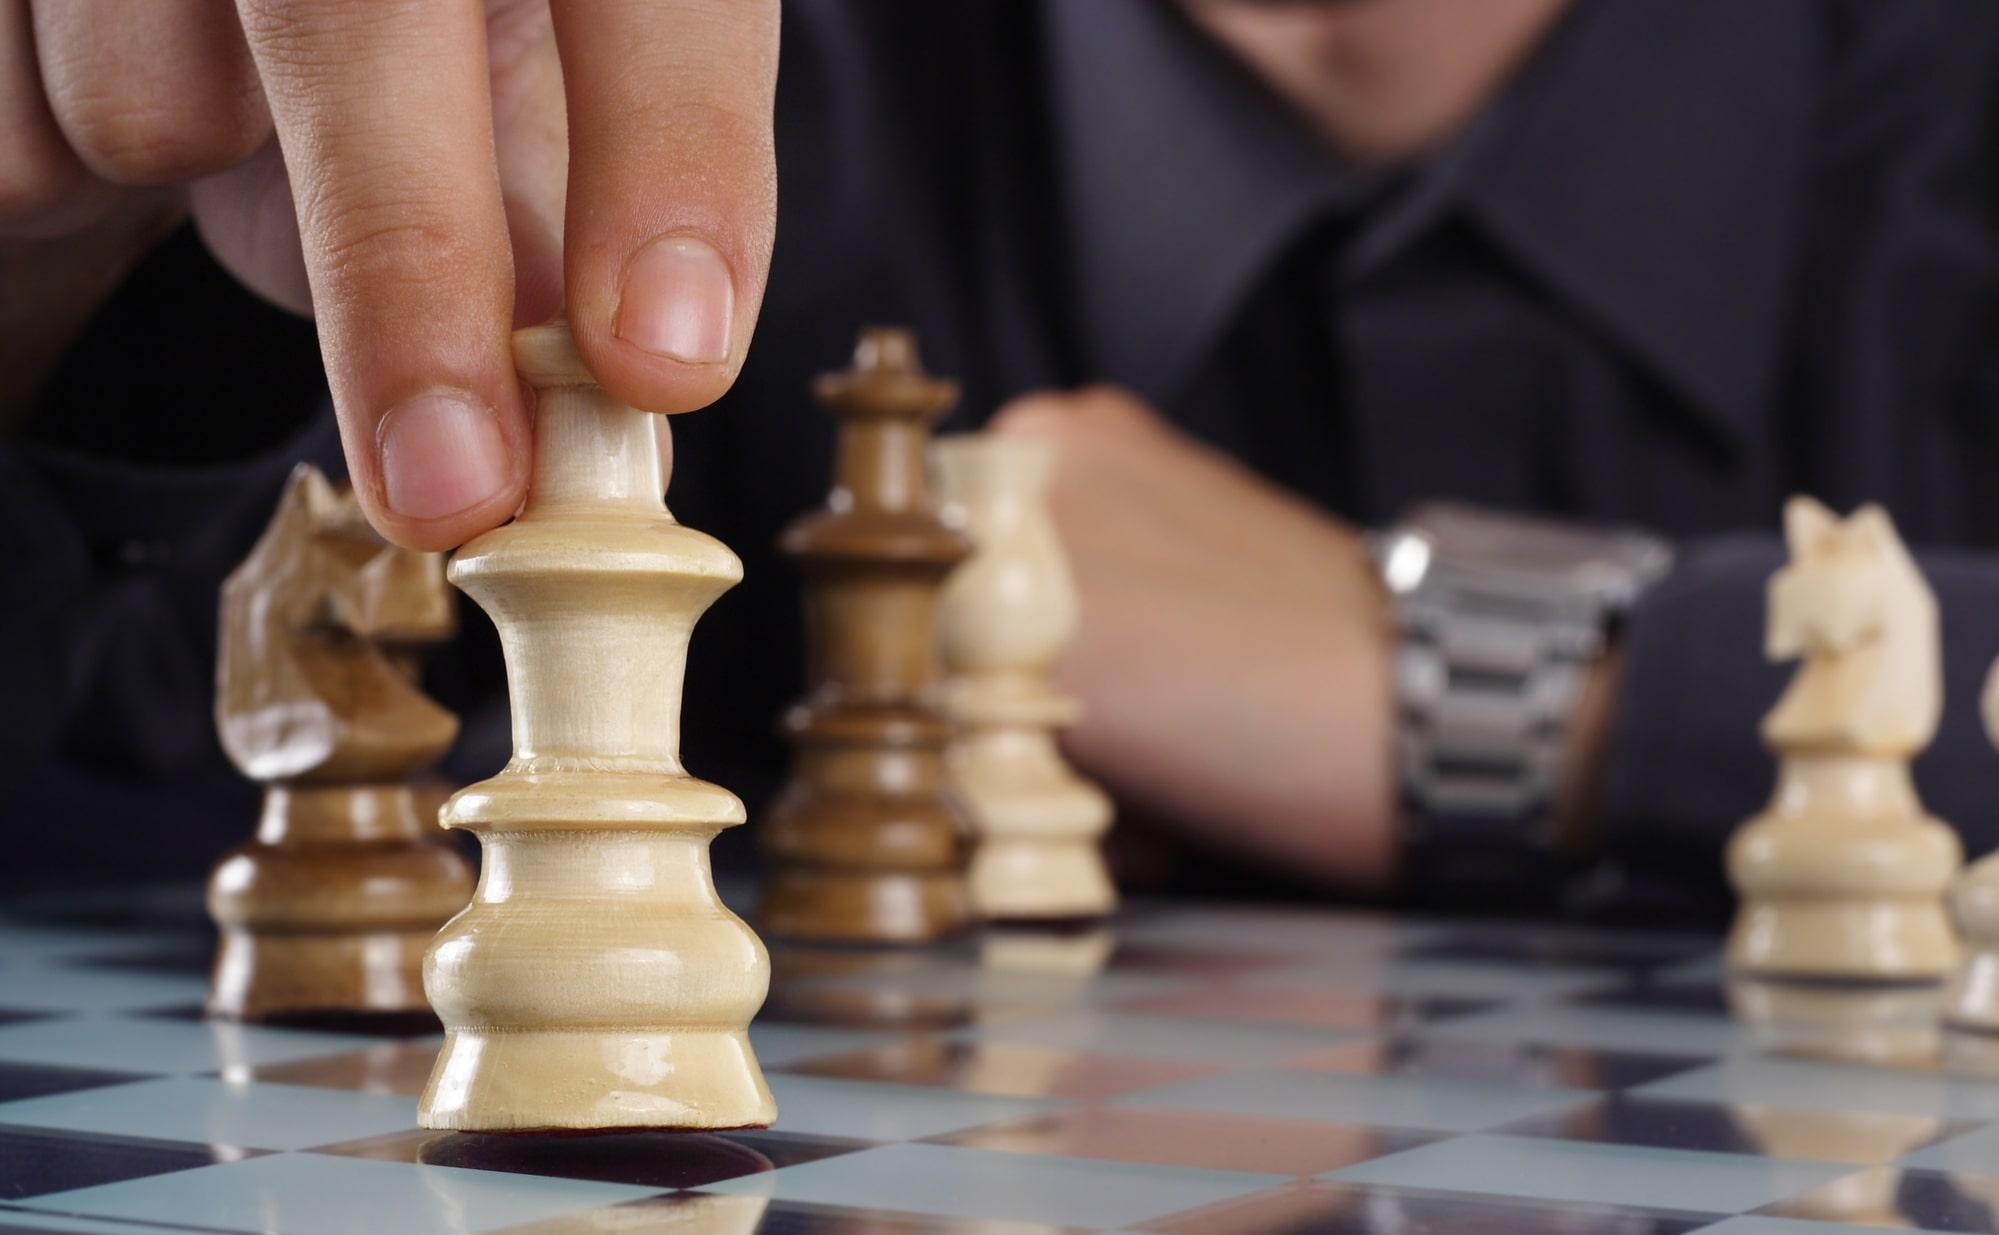 Blog de salud empresarial - Tener una estrategia de salud para tu empresa te conviene.   meddi- portada 1 La salud de tus empleados es la mejor estrategia.